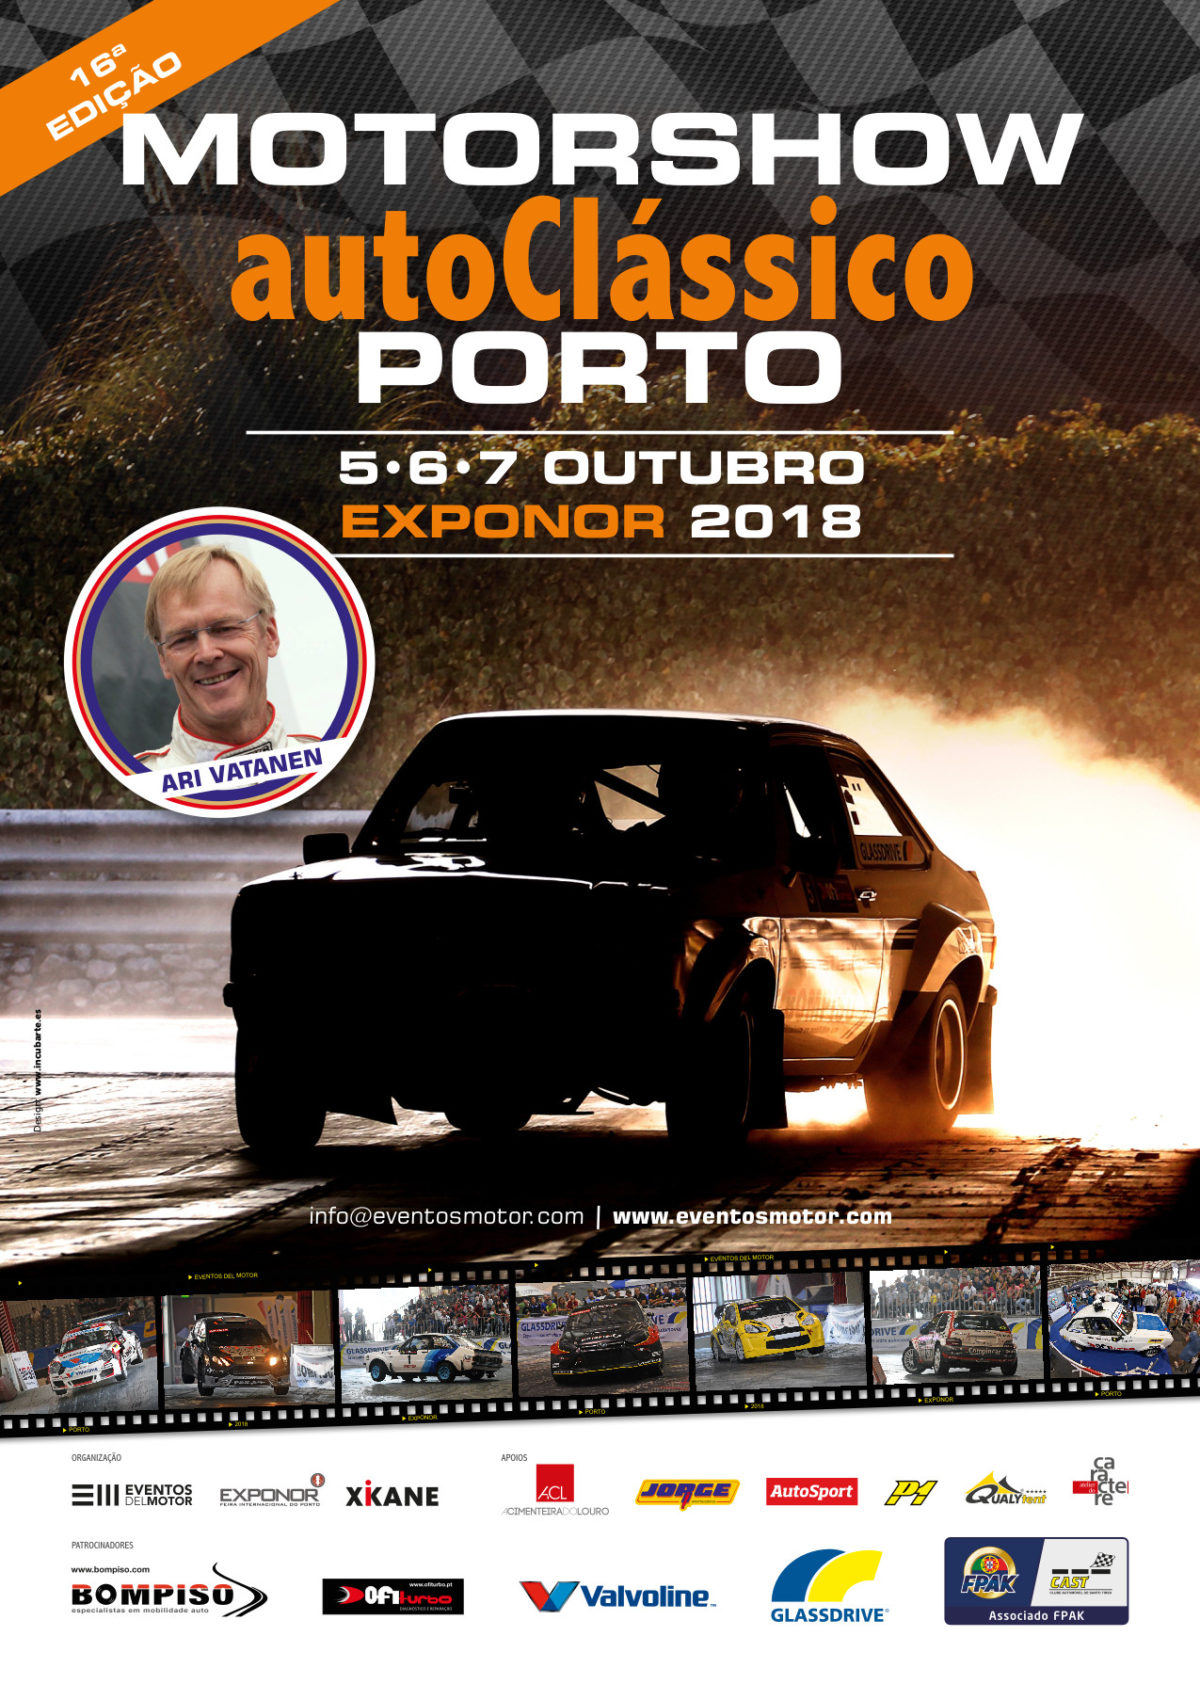 Motorshow AutoClássico Porto 2018